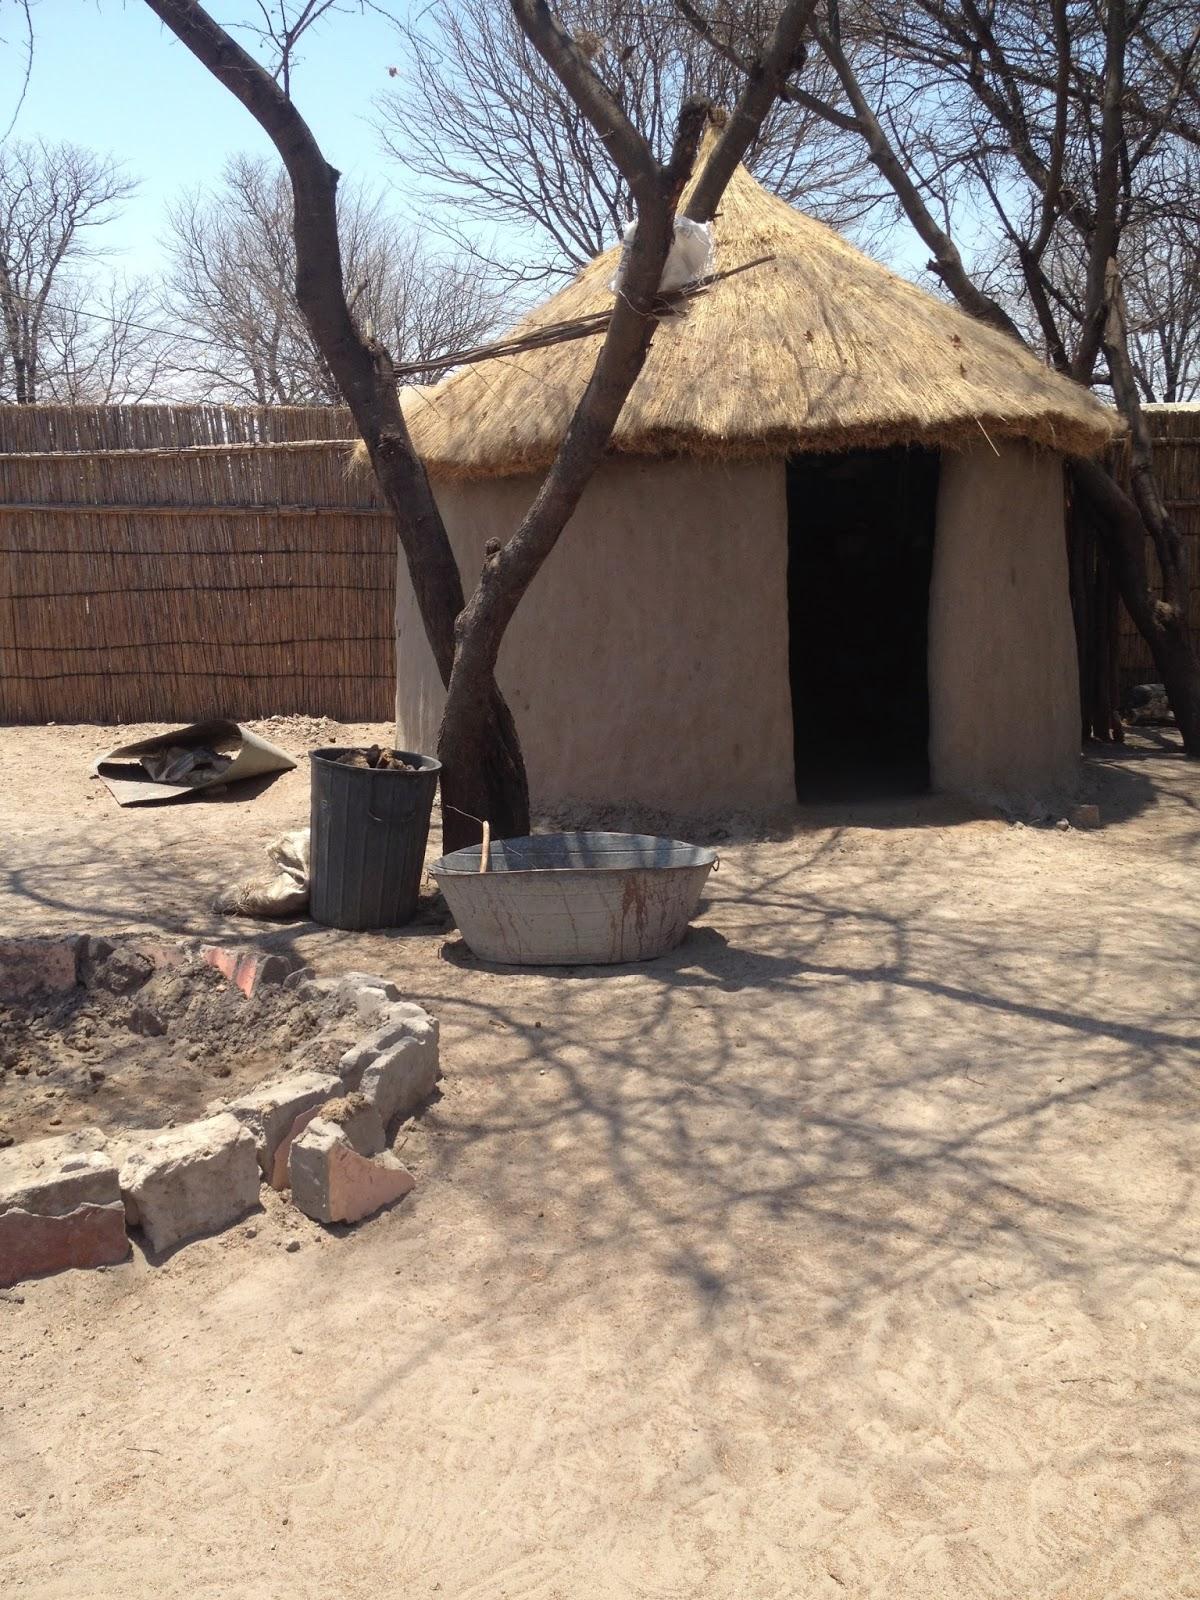 Ullevidsdal: Min månad i Botswana del 1